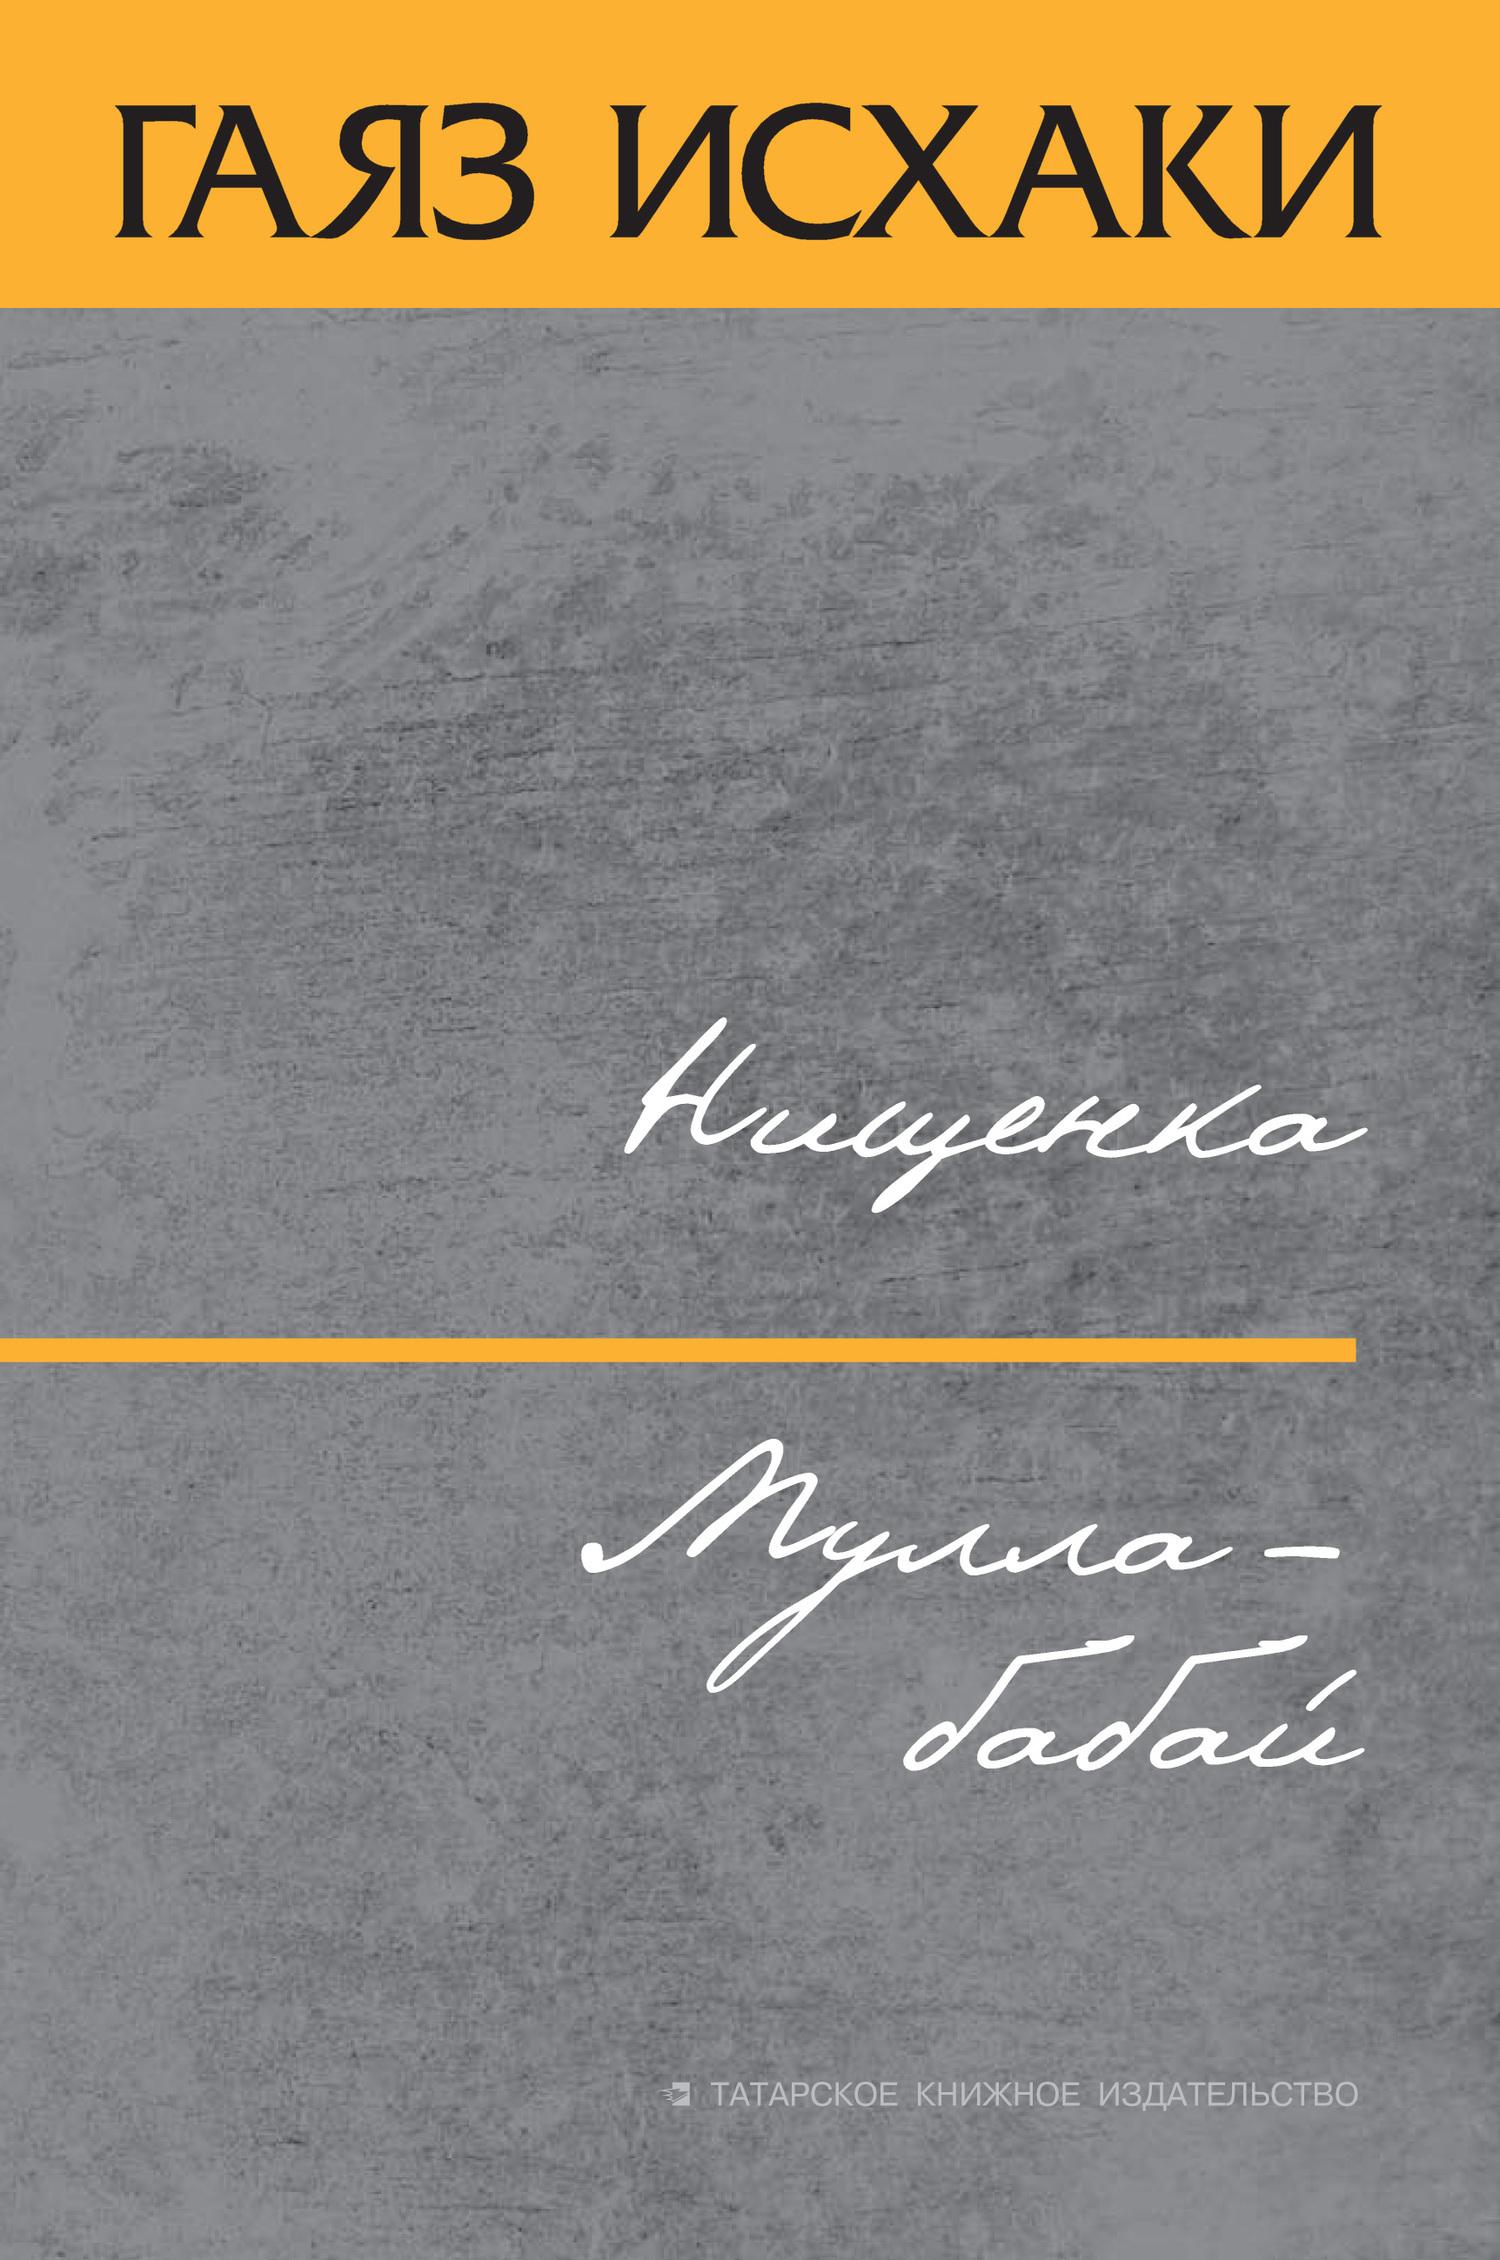 Гаяз Исхаки Нищенка. Мулла-бабай (сборник) воплощение мечты